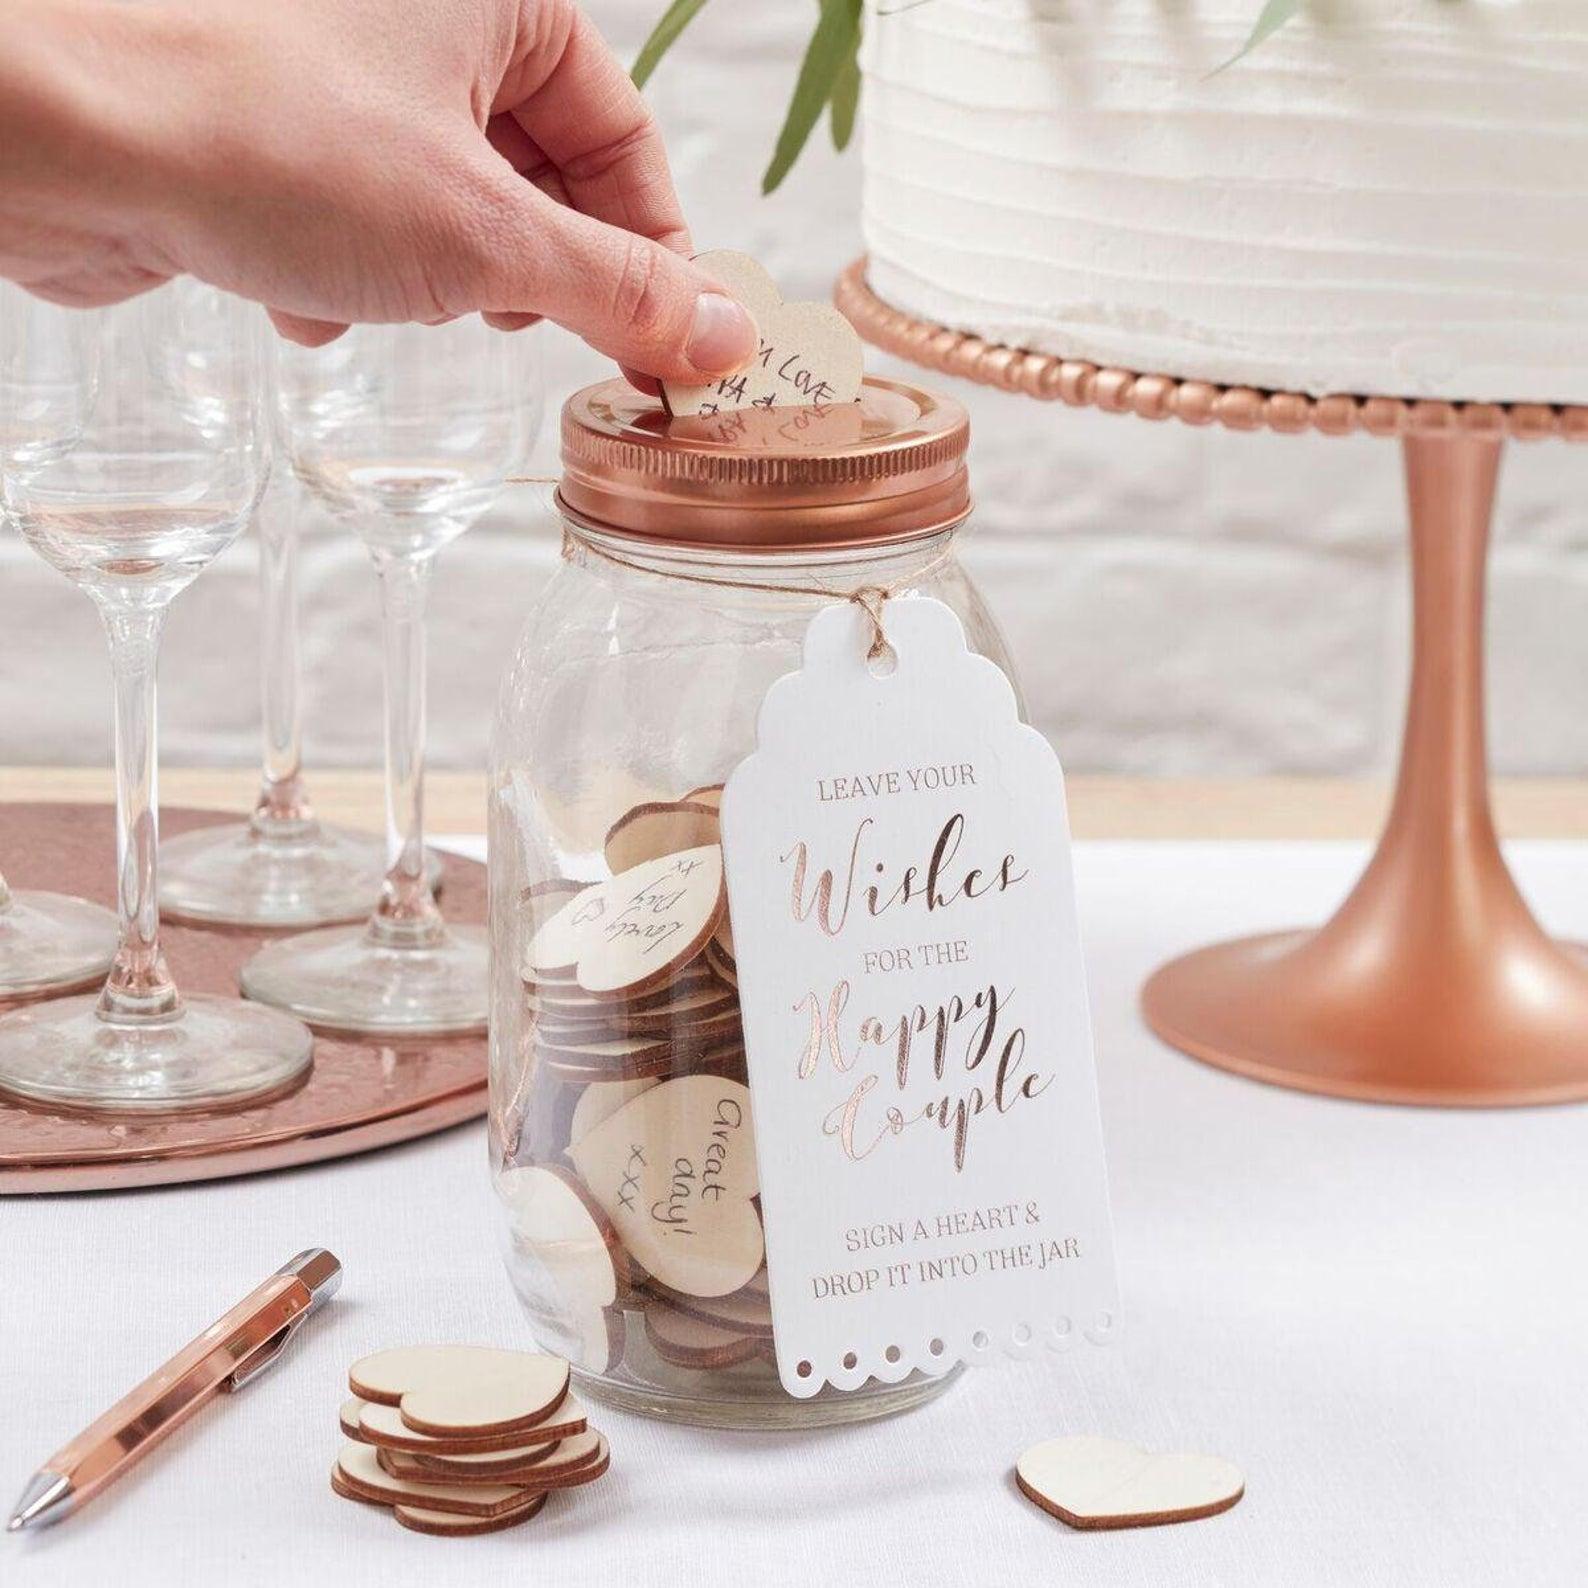 Wedding wishing jar guest book alternative